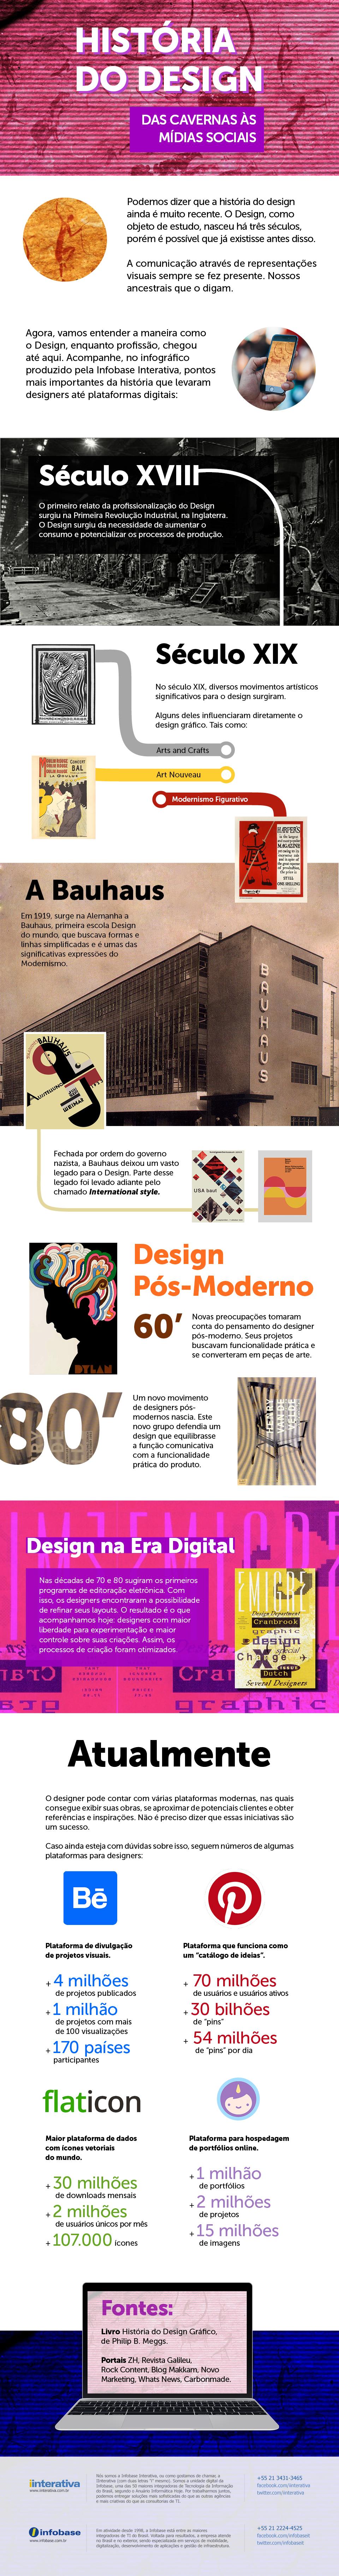 infografico-historia-do-design